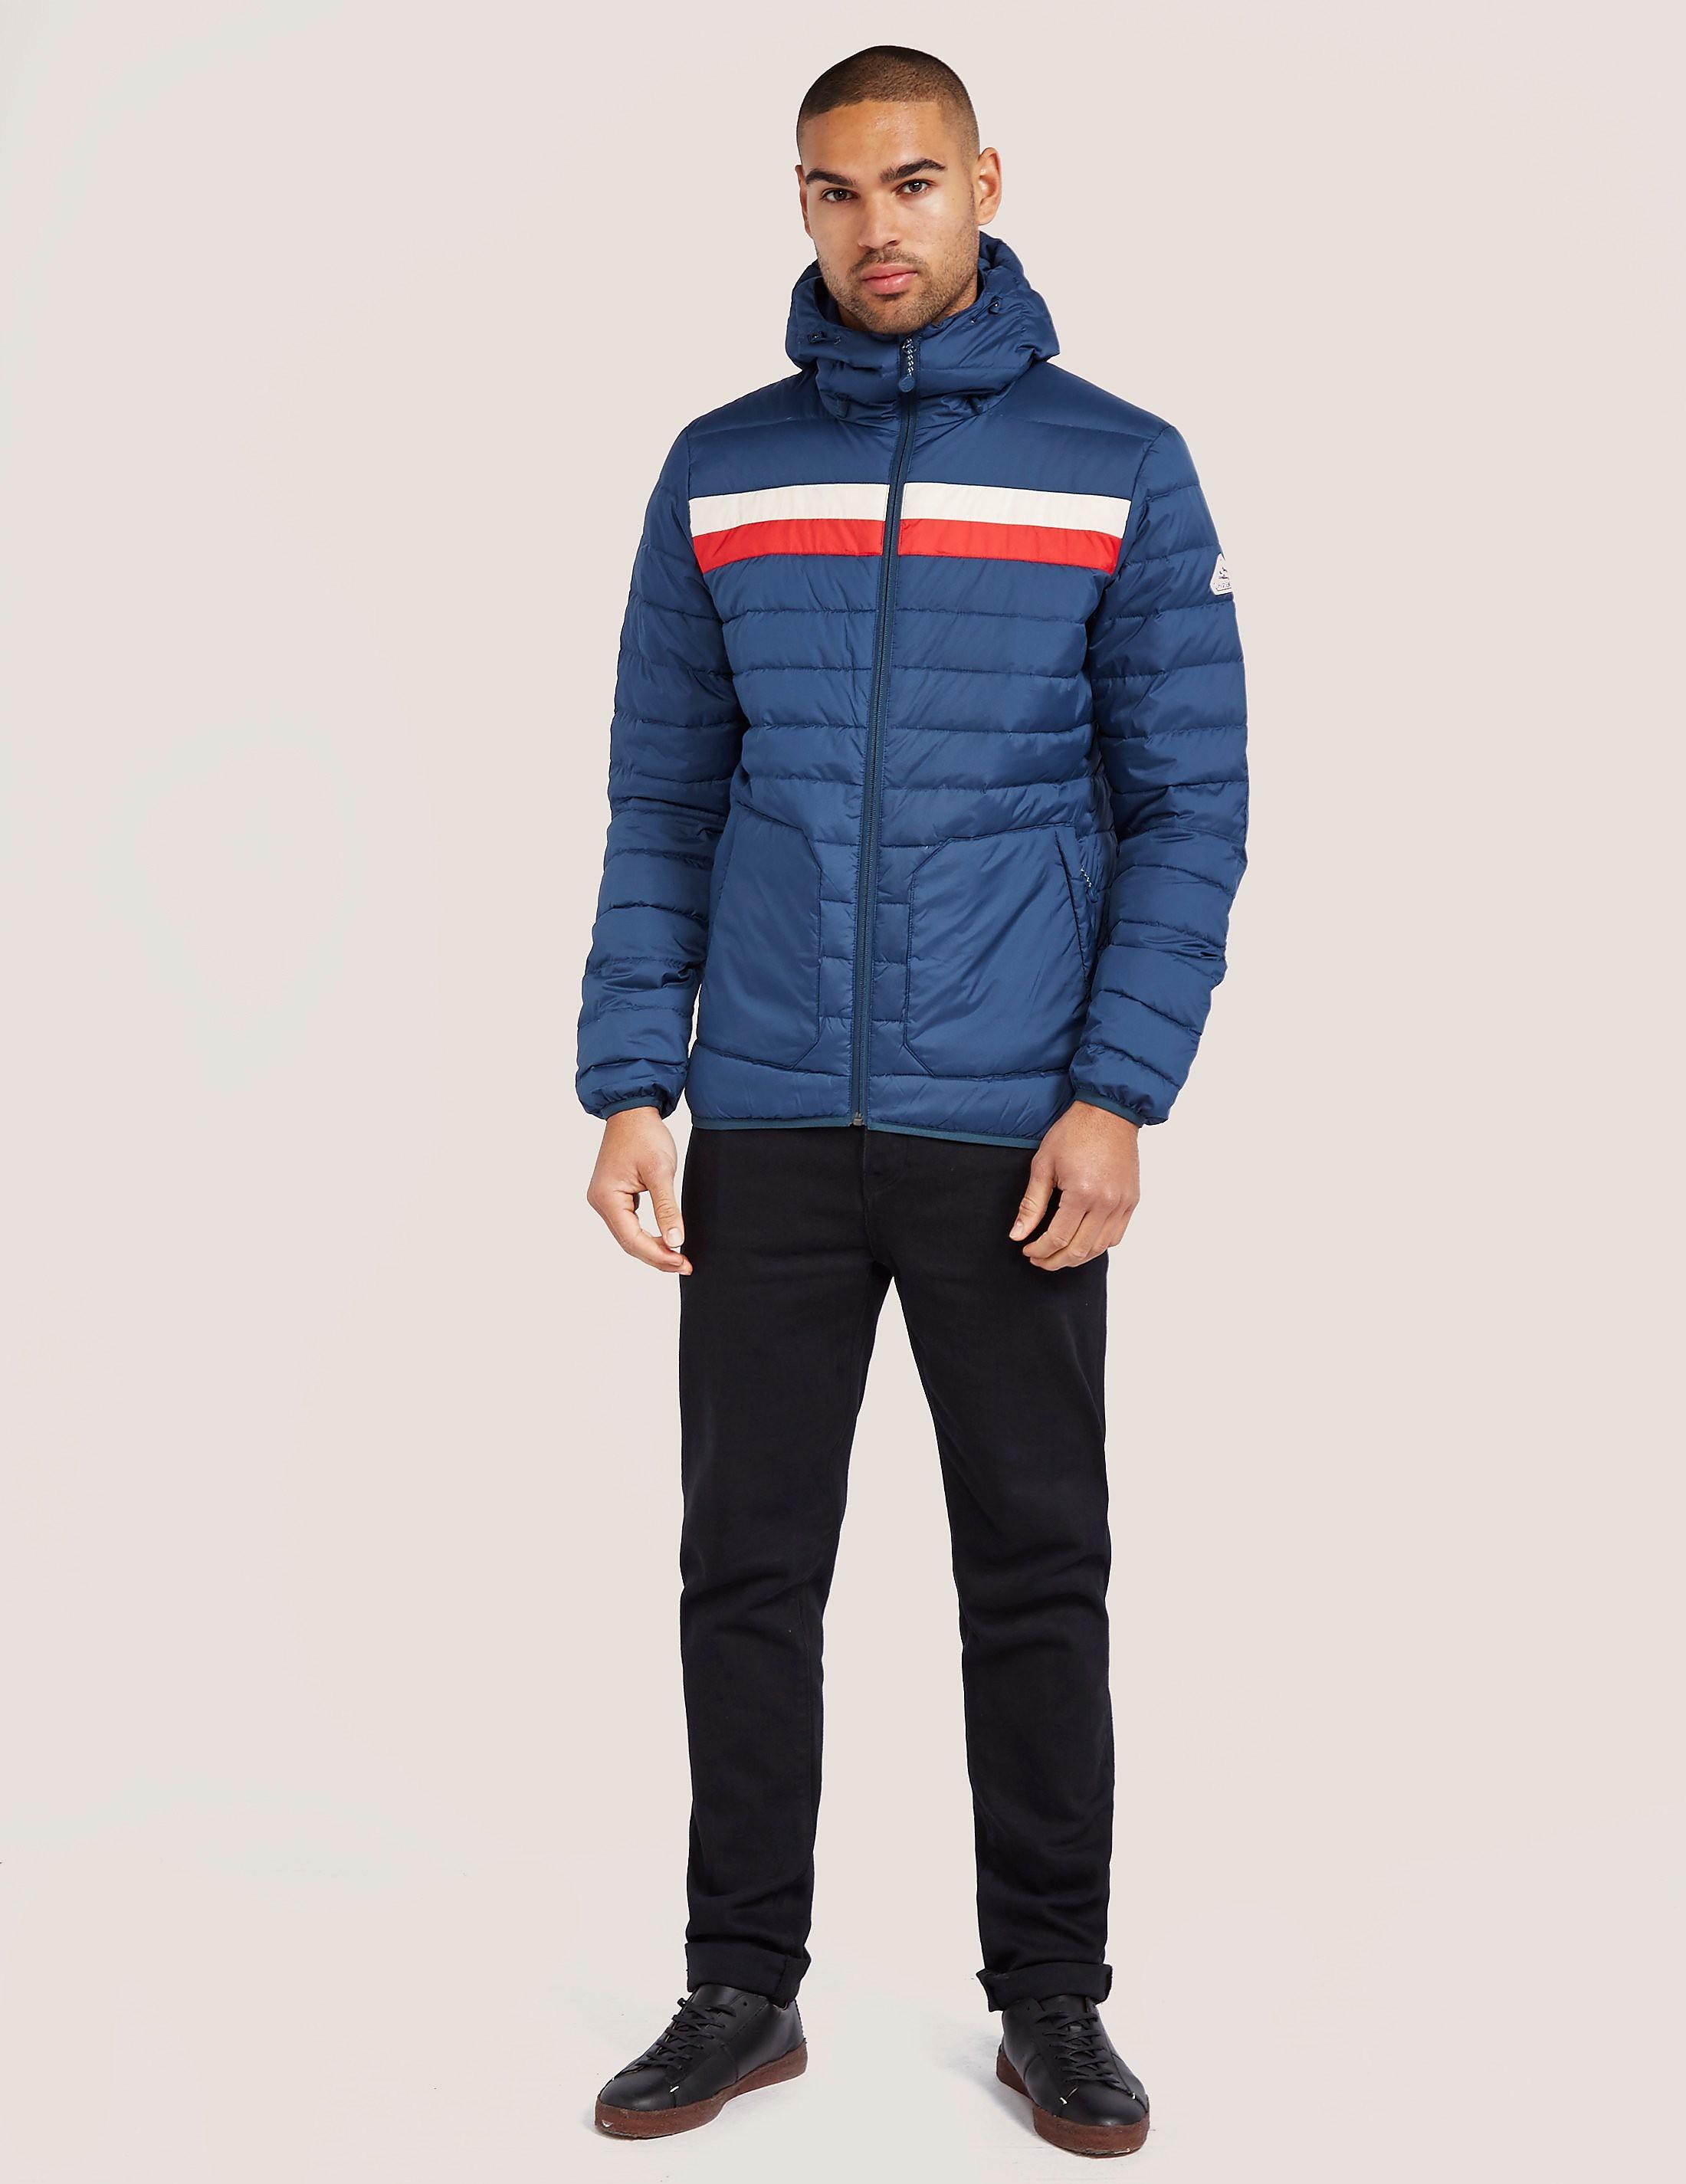 Pyrenex Montardo Jacket